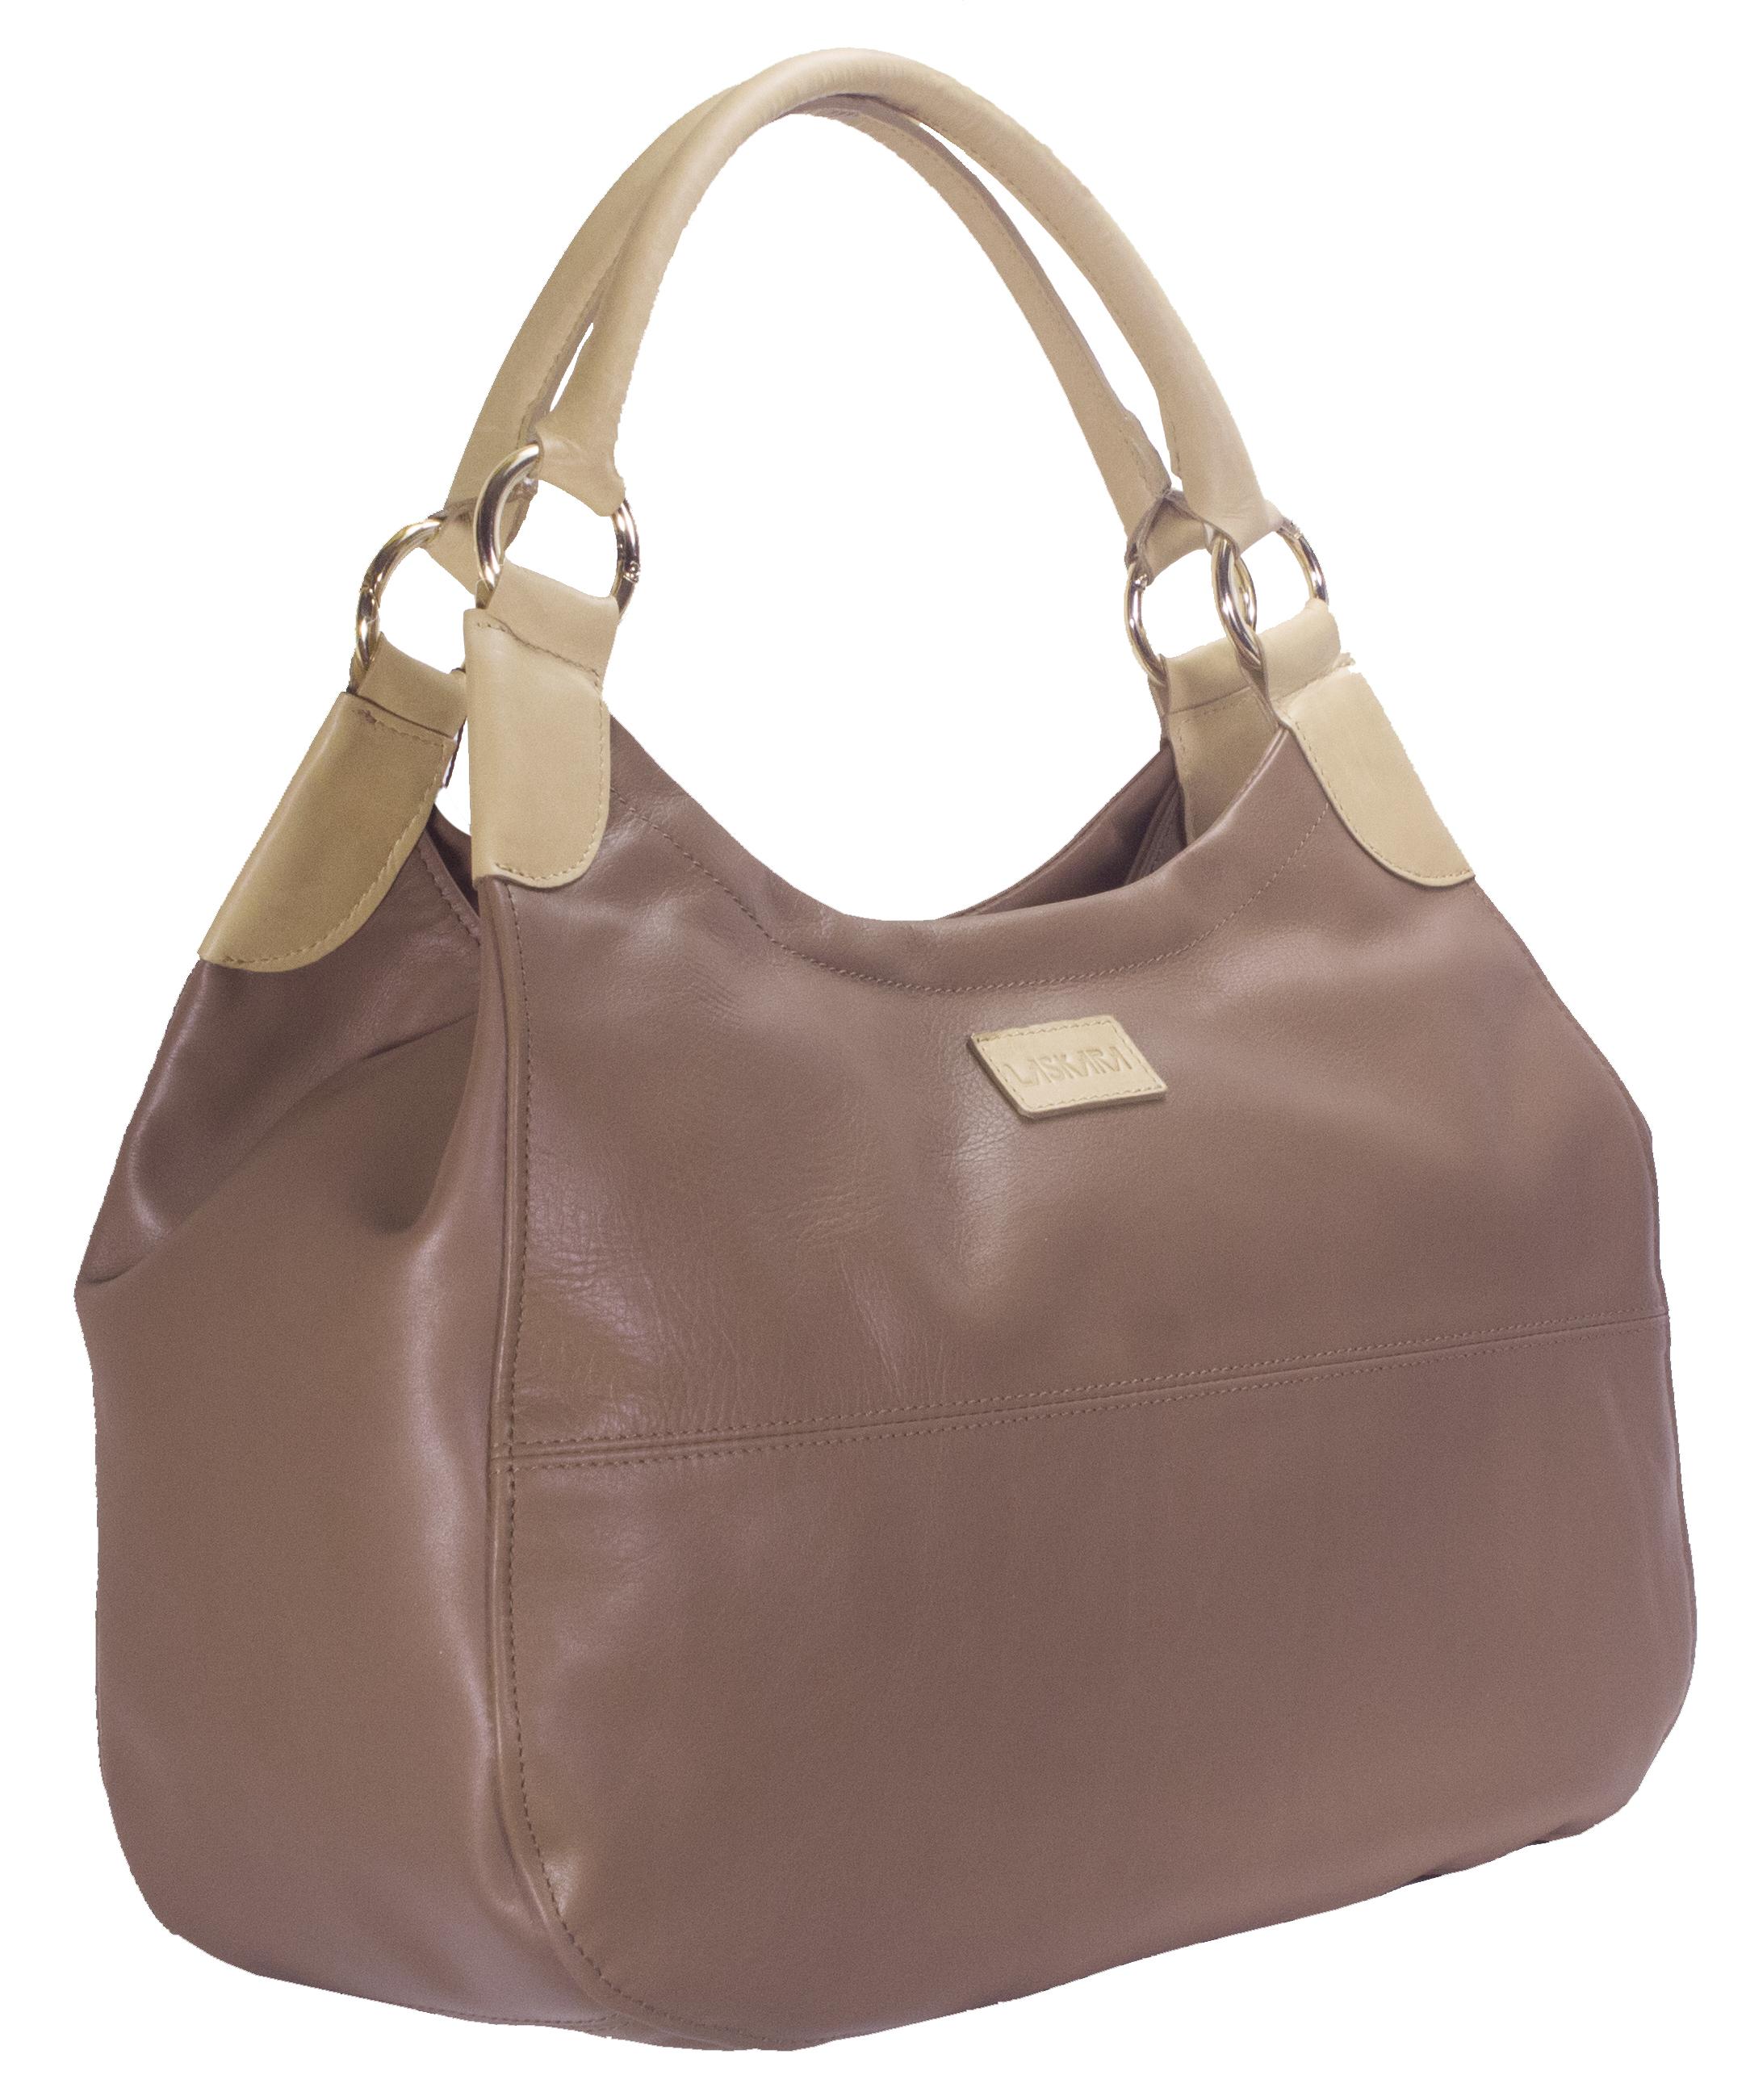 Hnědá kožená kabelka s béžovými detaily 11-DS260-lt.brown - boční pohled